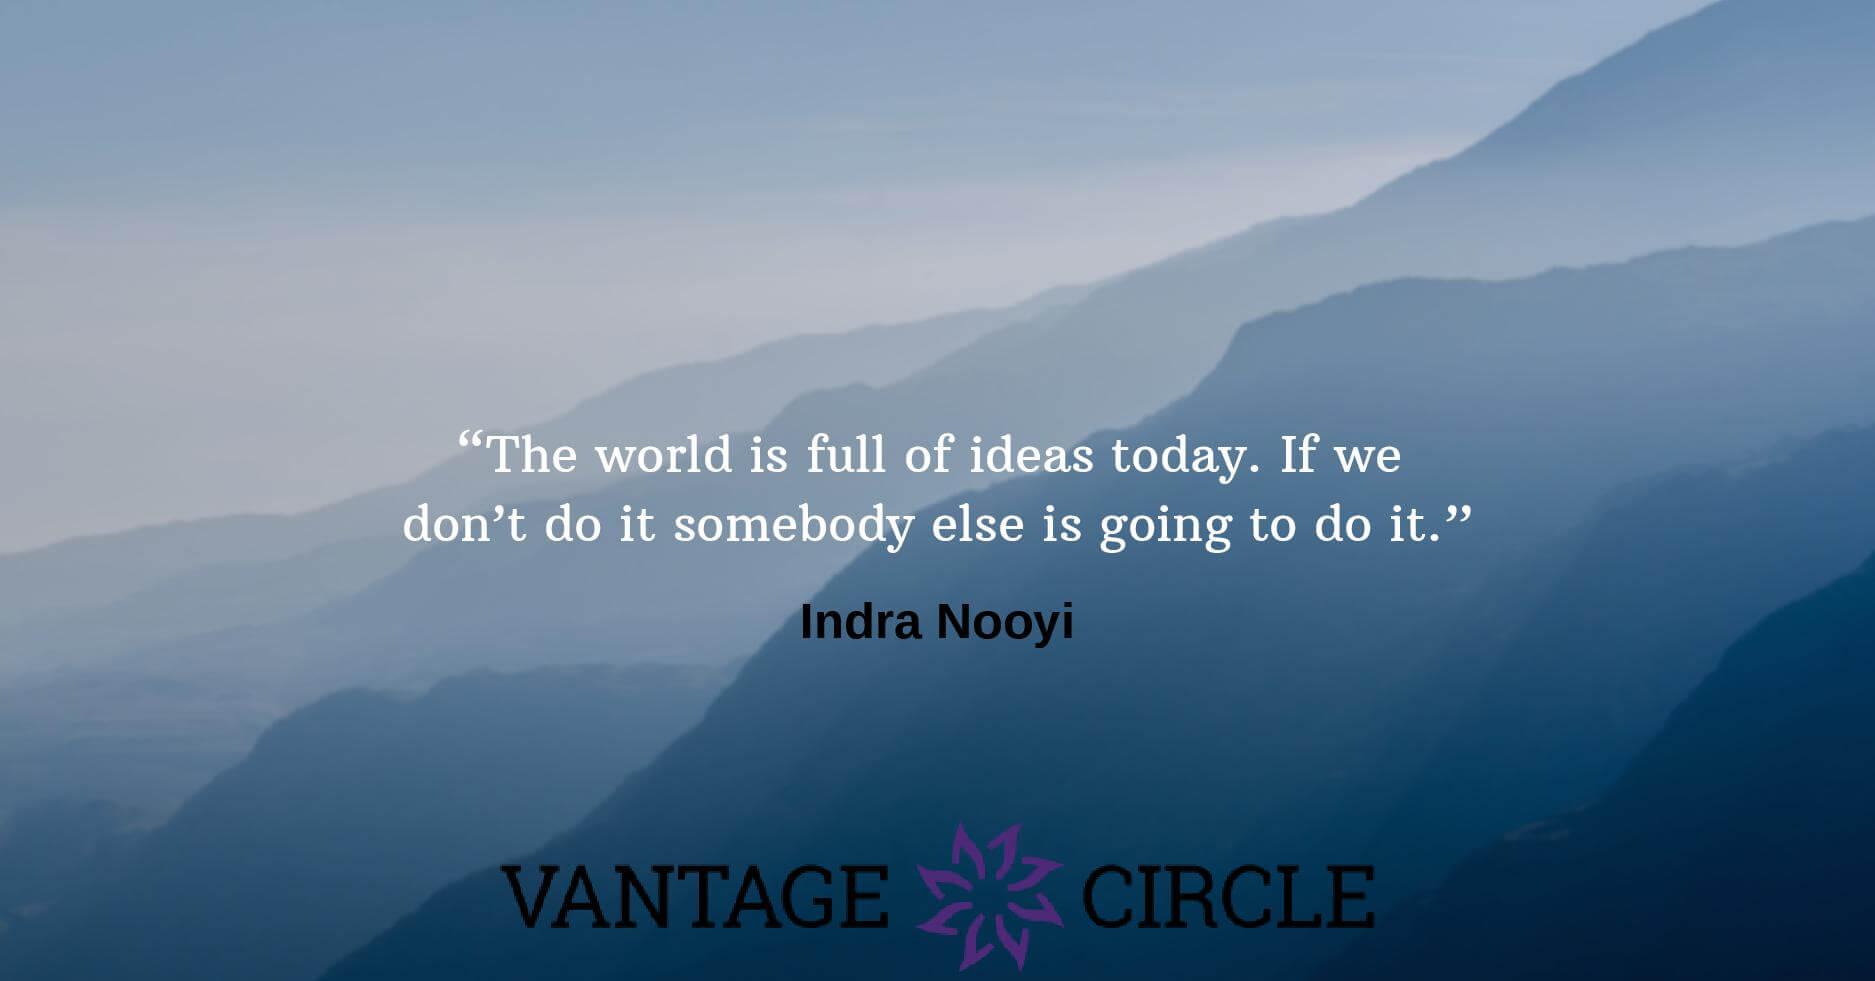 Employee-motivational-quotes-Indra-Nooyi